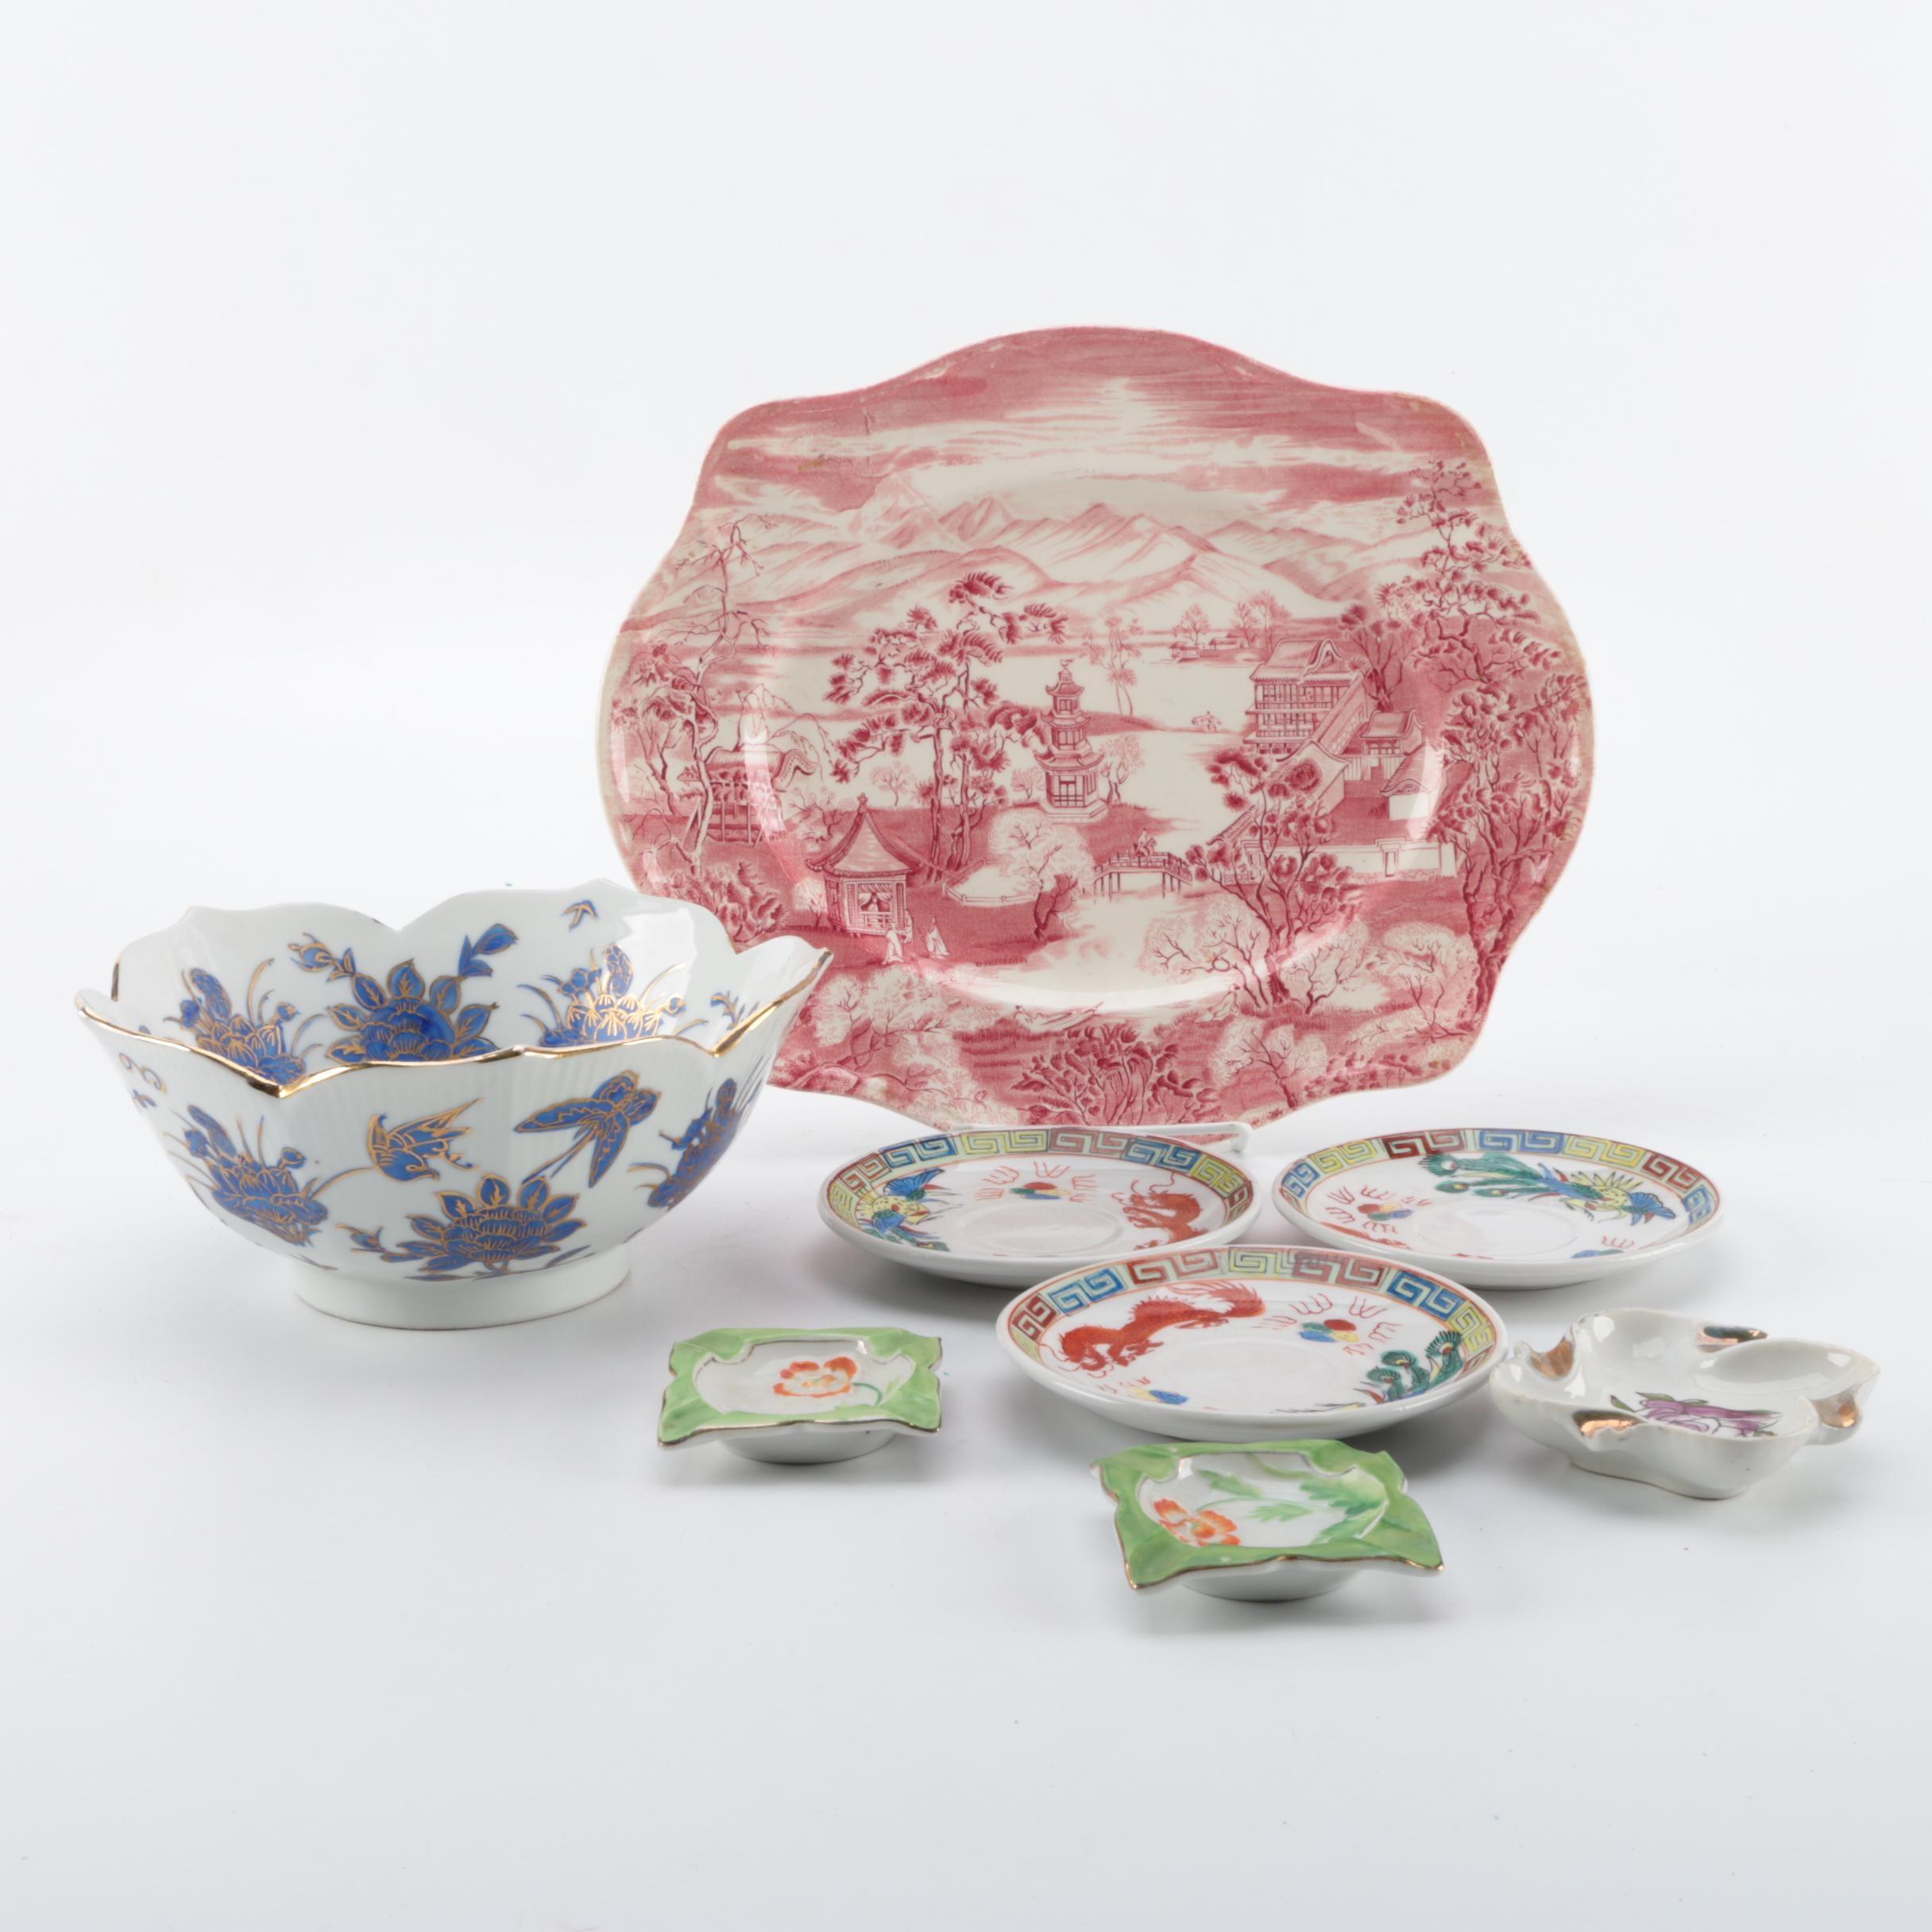 Decorative Porcelain and Ceramic Décor